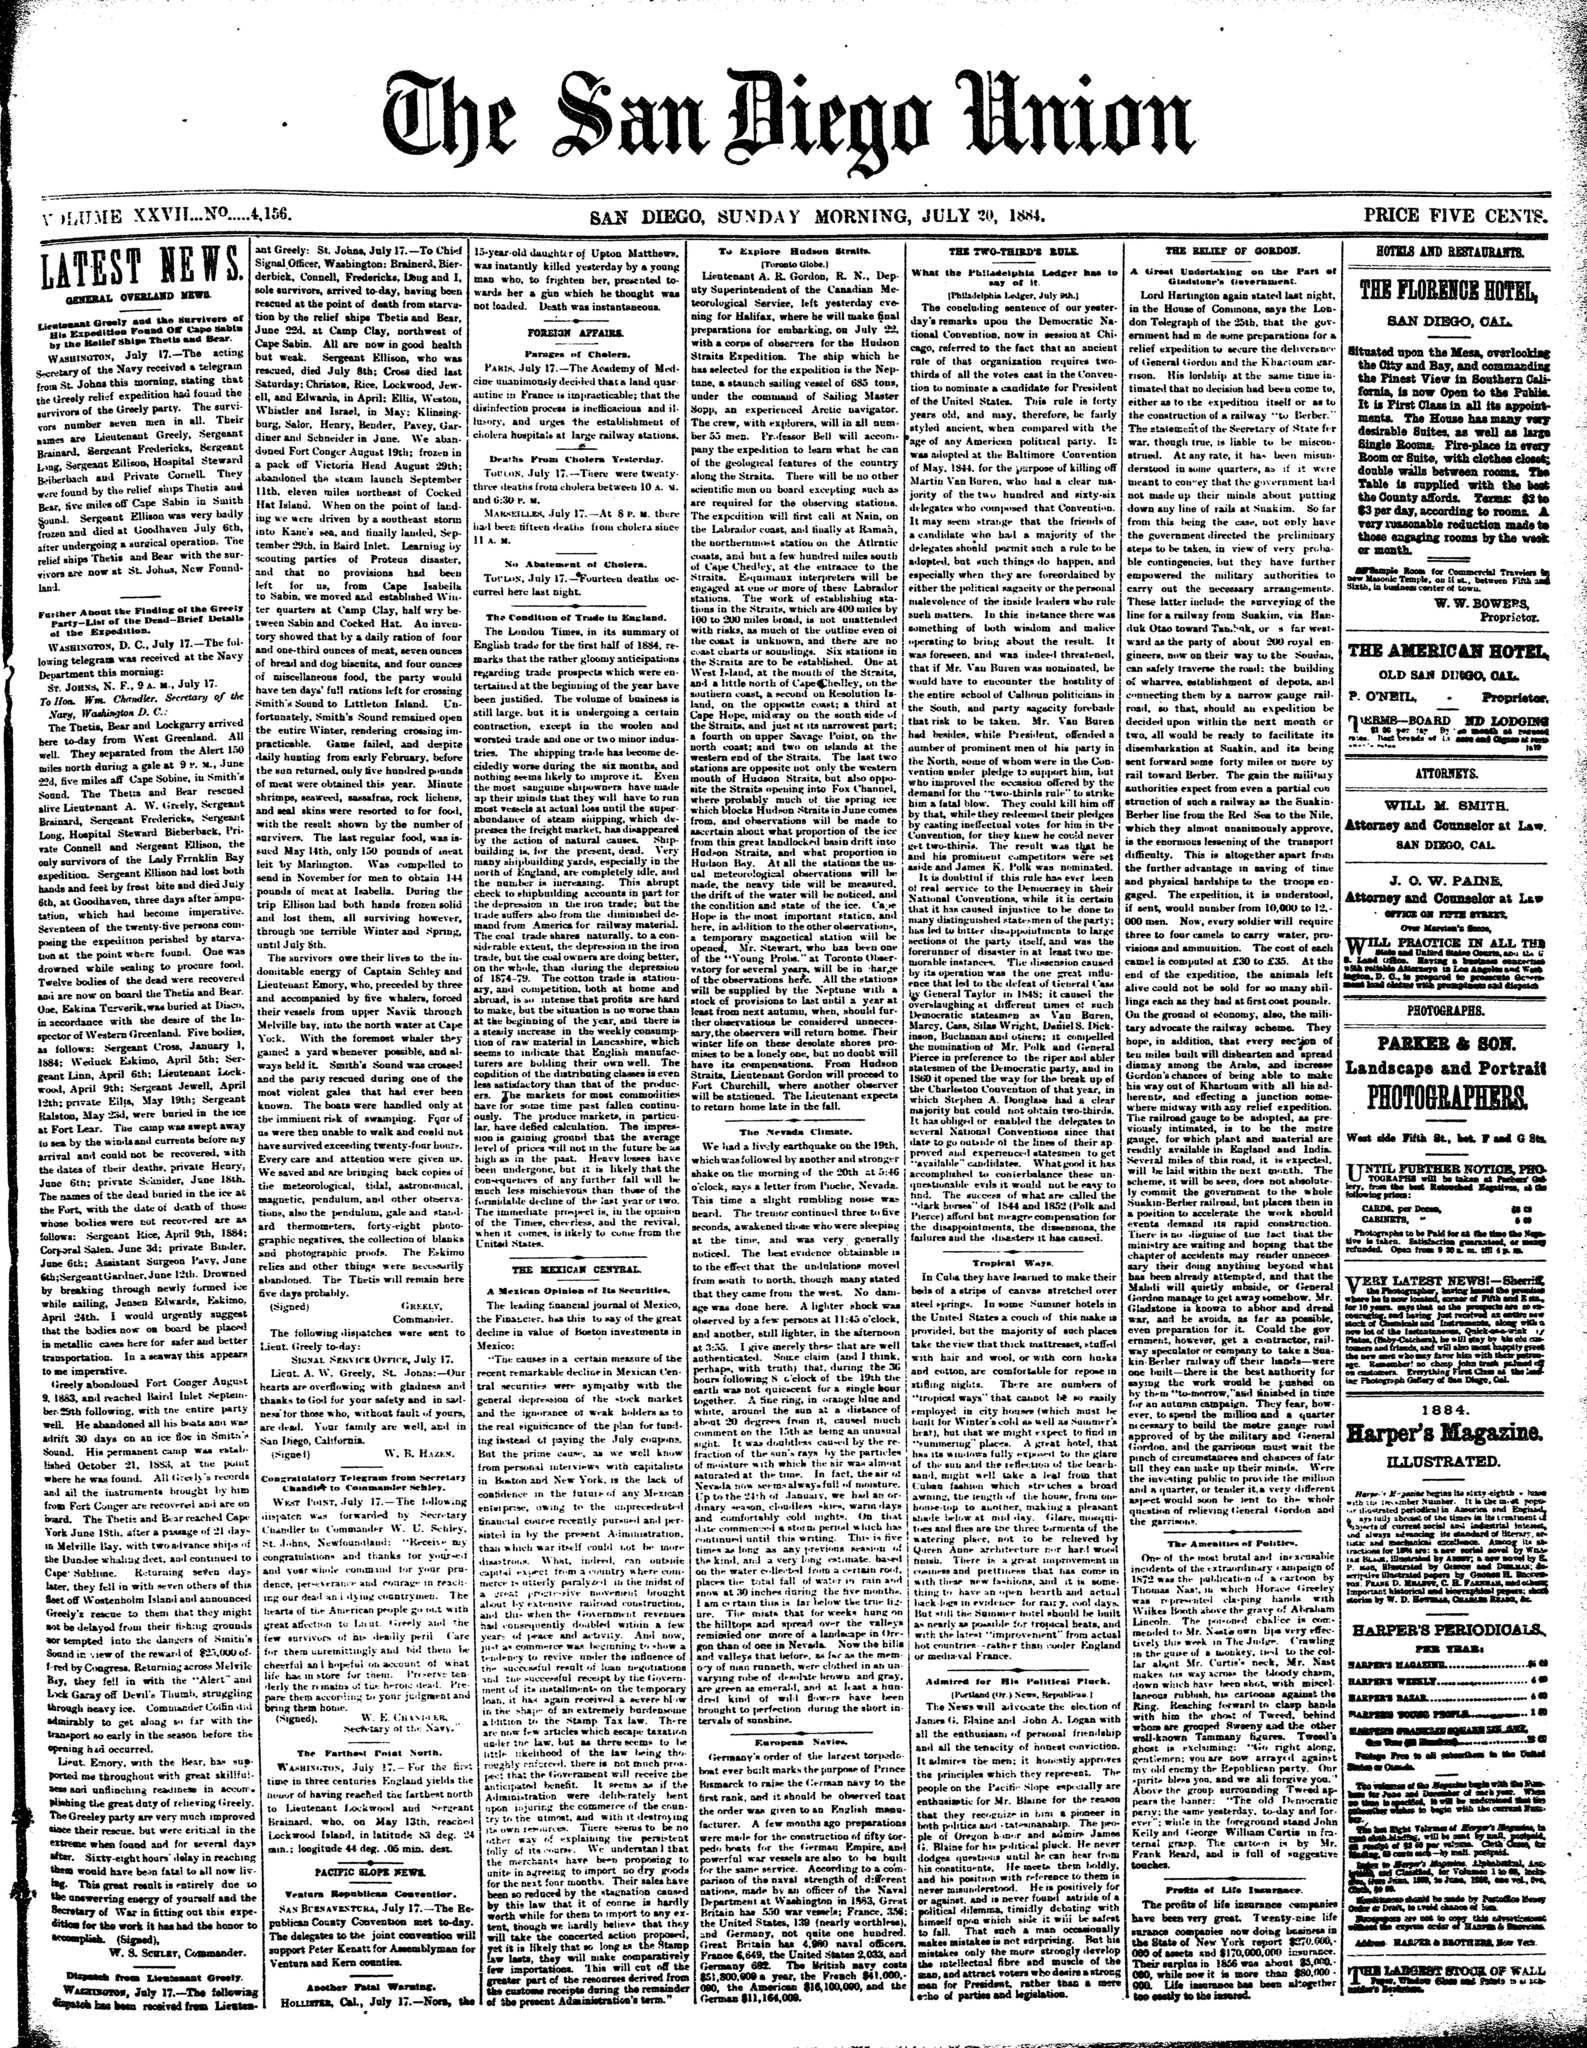 July 20, 1884